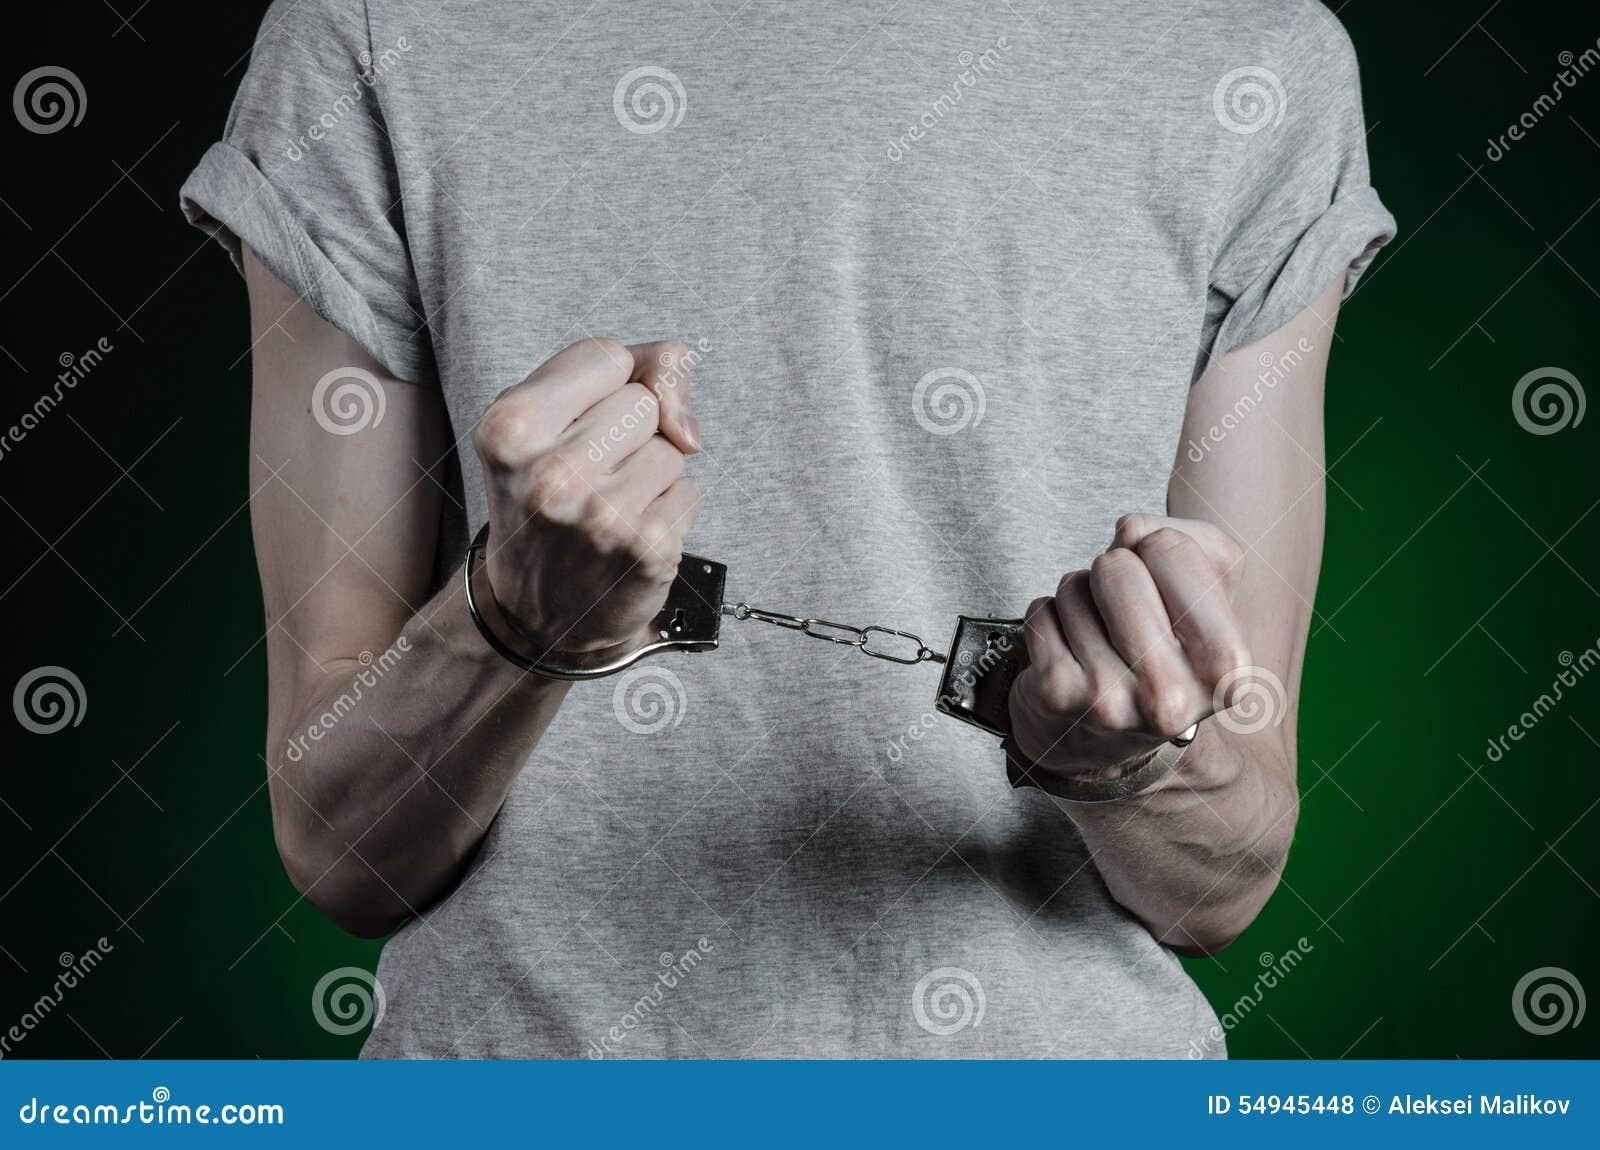 Fängelse och beslagit ämne: man med handbojor på hans händer i en grå T-tröja och jeans på ett mörker - grön bakgrund i stuen